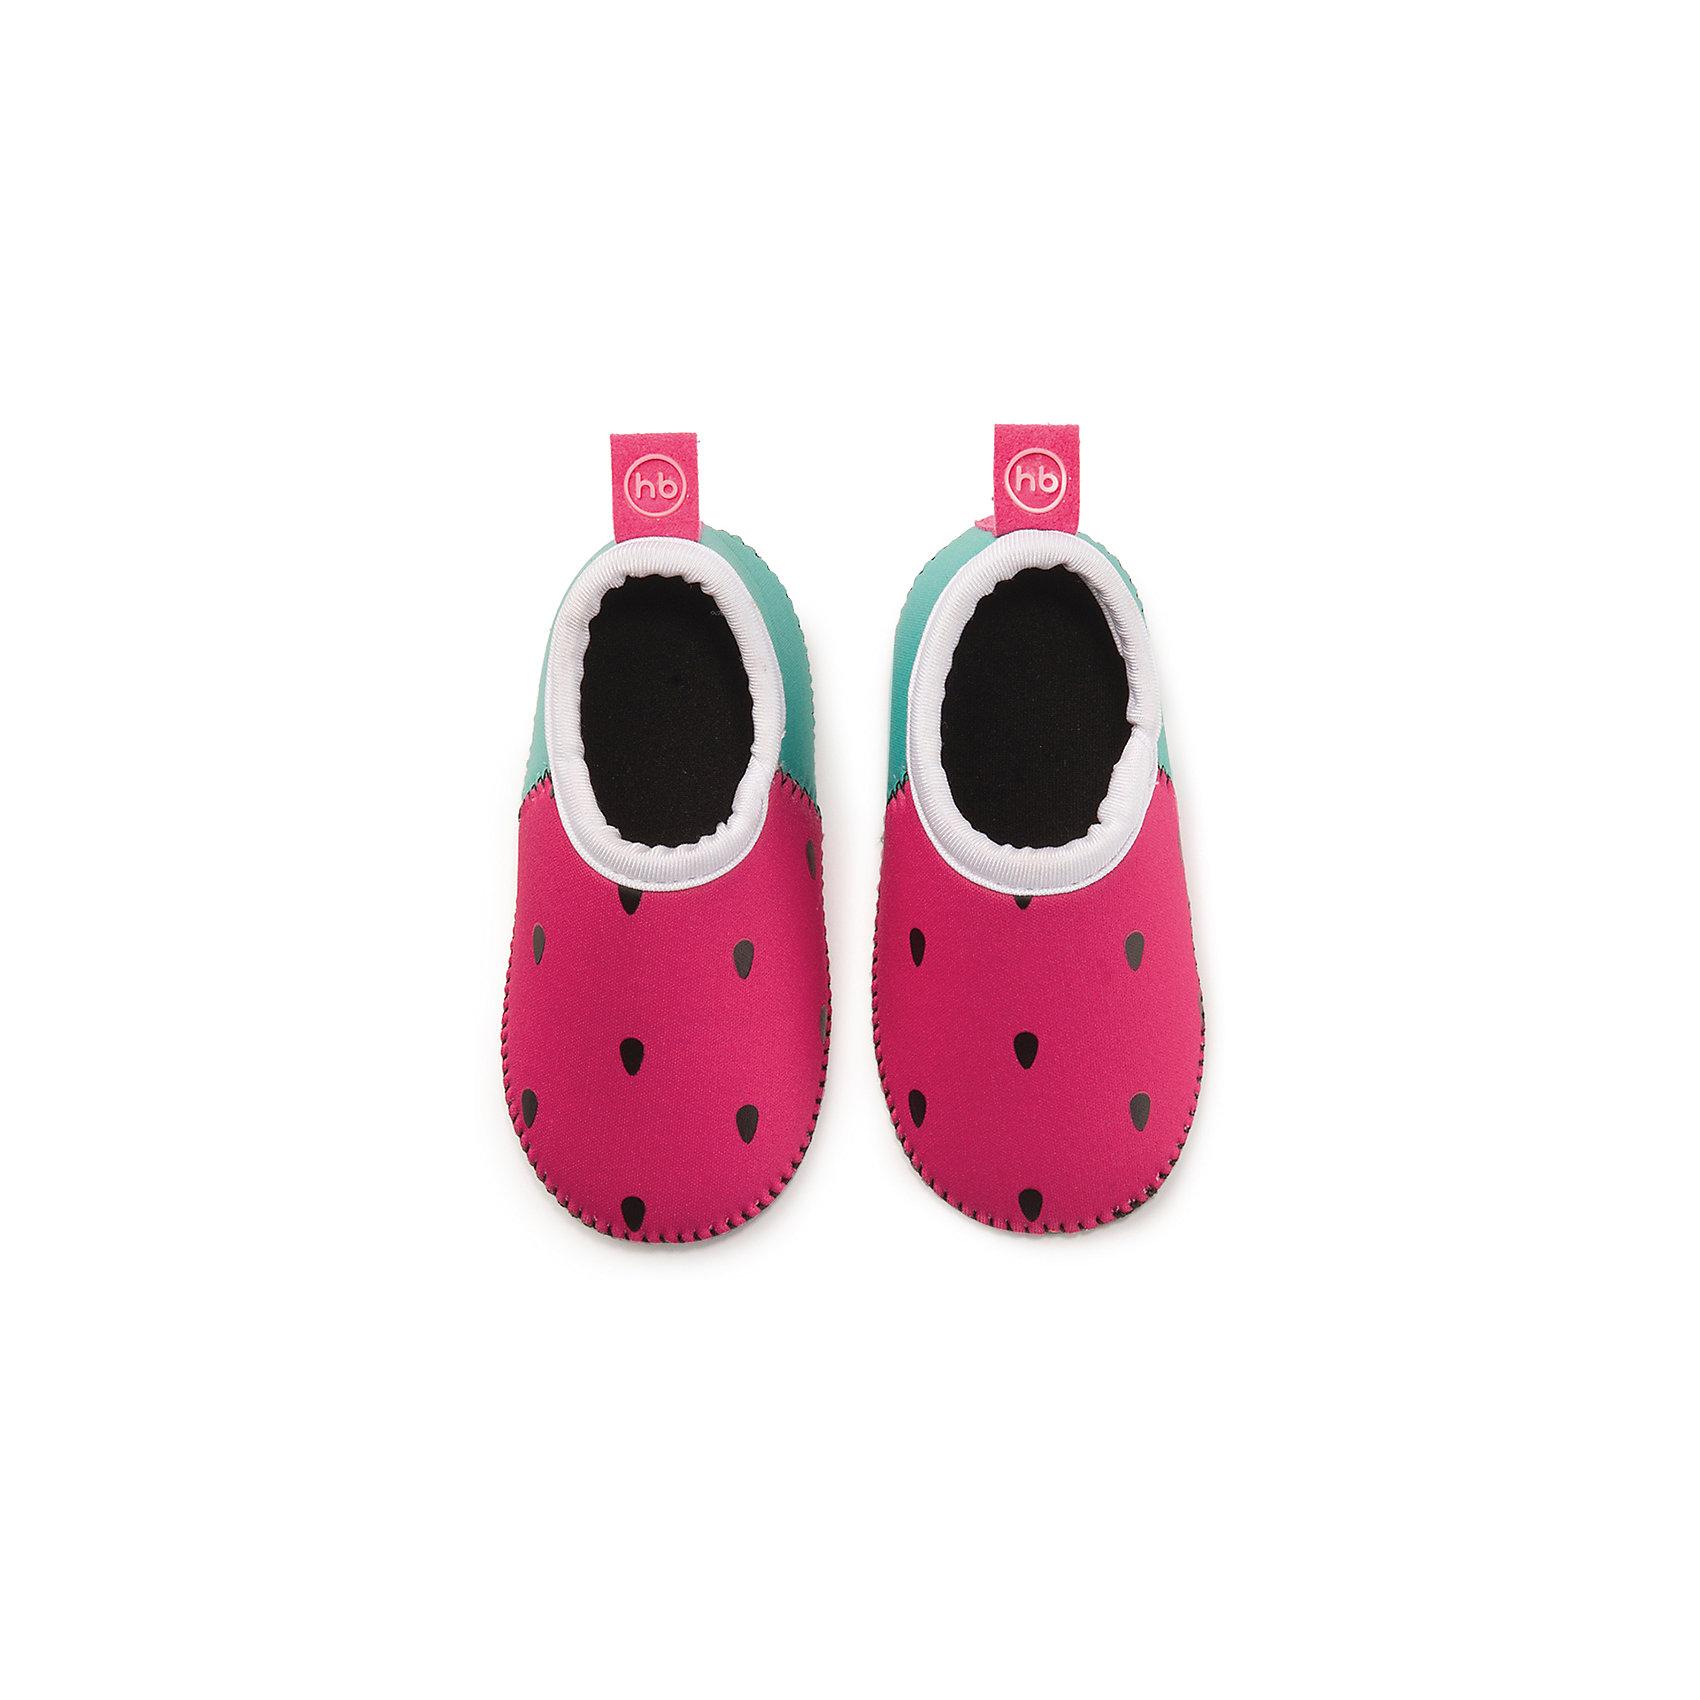 Плавательные тапочки для девочки размер 26, Happy BabyПляжная обувь<br>Тапочки для плавания HBтм сделают активный отдых ребенка на море ещё более приятным. В этой обуви малыш сможет уверенно ходить по камням, горячему песку или скользкой поверхности. Во время плавания ребёнок чувствует себя естественно, ведь тапочки изготовлены из лёгкого и приятного на ощупь материала. Водонепроницаемые и теплоудерживающие тапочки для плавания HBтм помогут сохранить ножки ребёнка в тепле и безопасности. Длина стельки 14,9 см<br><br>Ширина мм: 40<br>Глубина мм: 60<br>Высота мм: 190<br>Вес г: 58<br>Возраст от месяцев: 180<br>Возраст до месяцев: 36<br>Пол: Унисекс<br>Возраст: Детский<br>SKU: 6681121